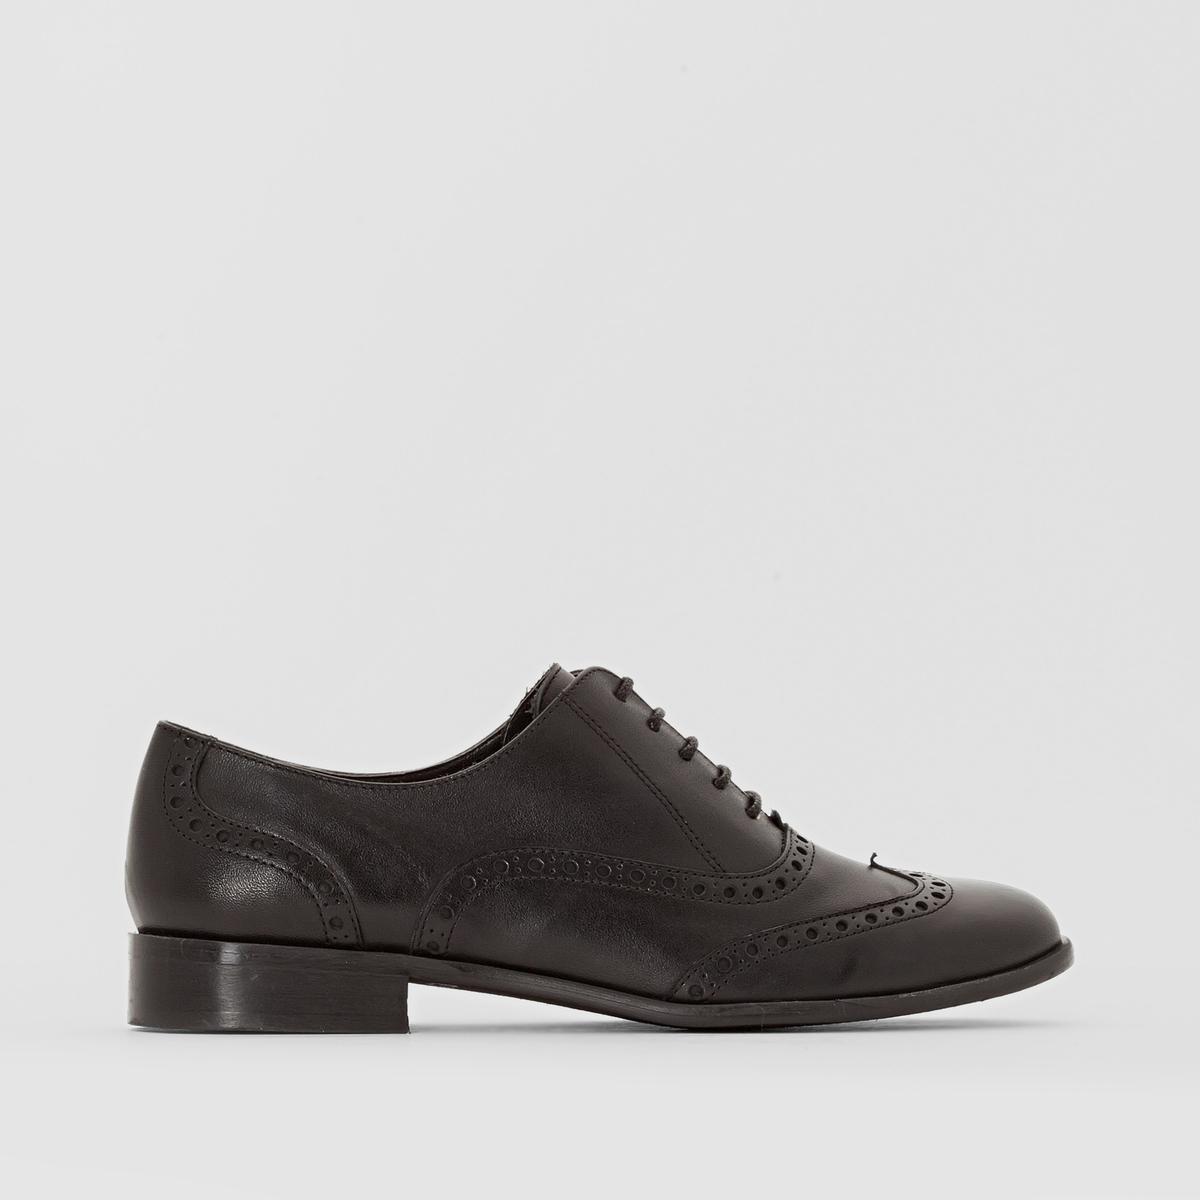 Купить со скидкой Ботинки-дерби кожаные на широкую ногу, размеры 38-45